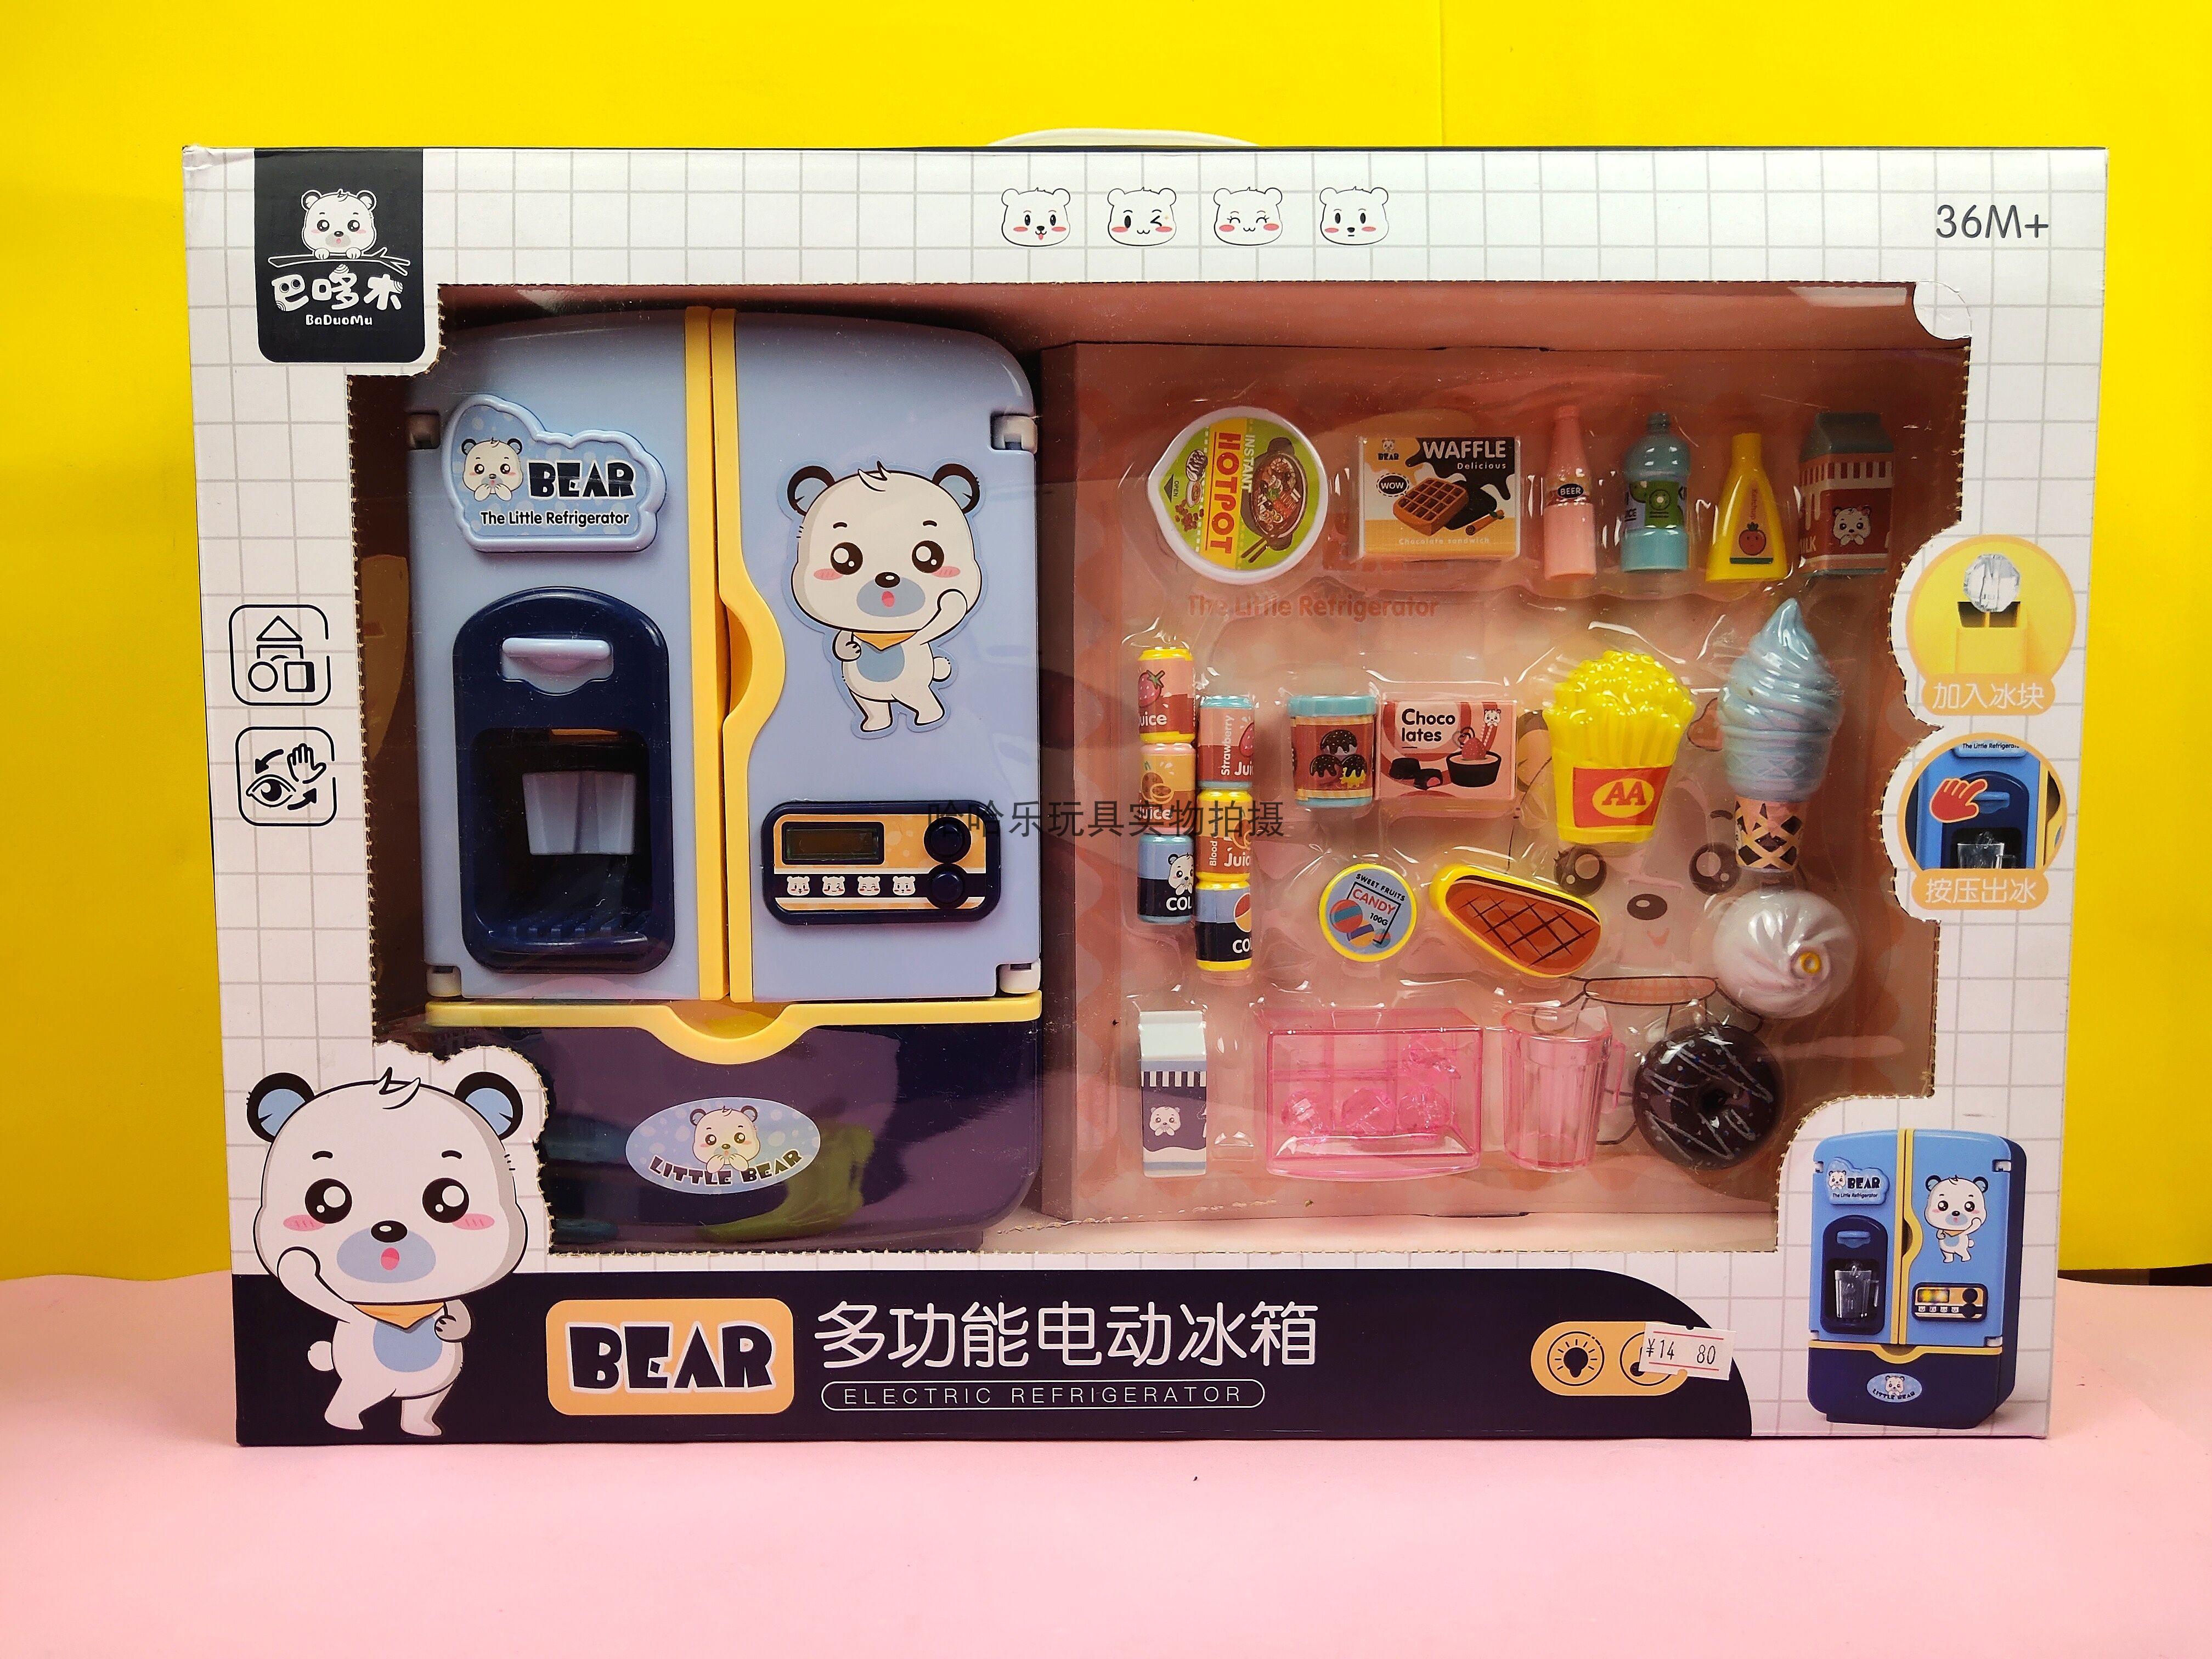 巴哆木小熊多功能电动冰箱薯条饮料仿真厨房电器过家家儿童玩具